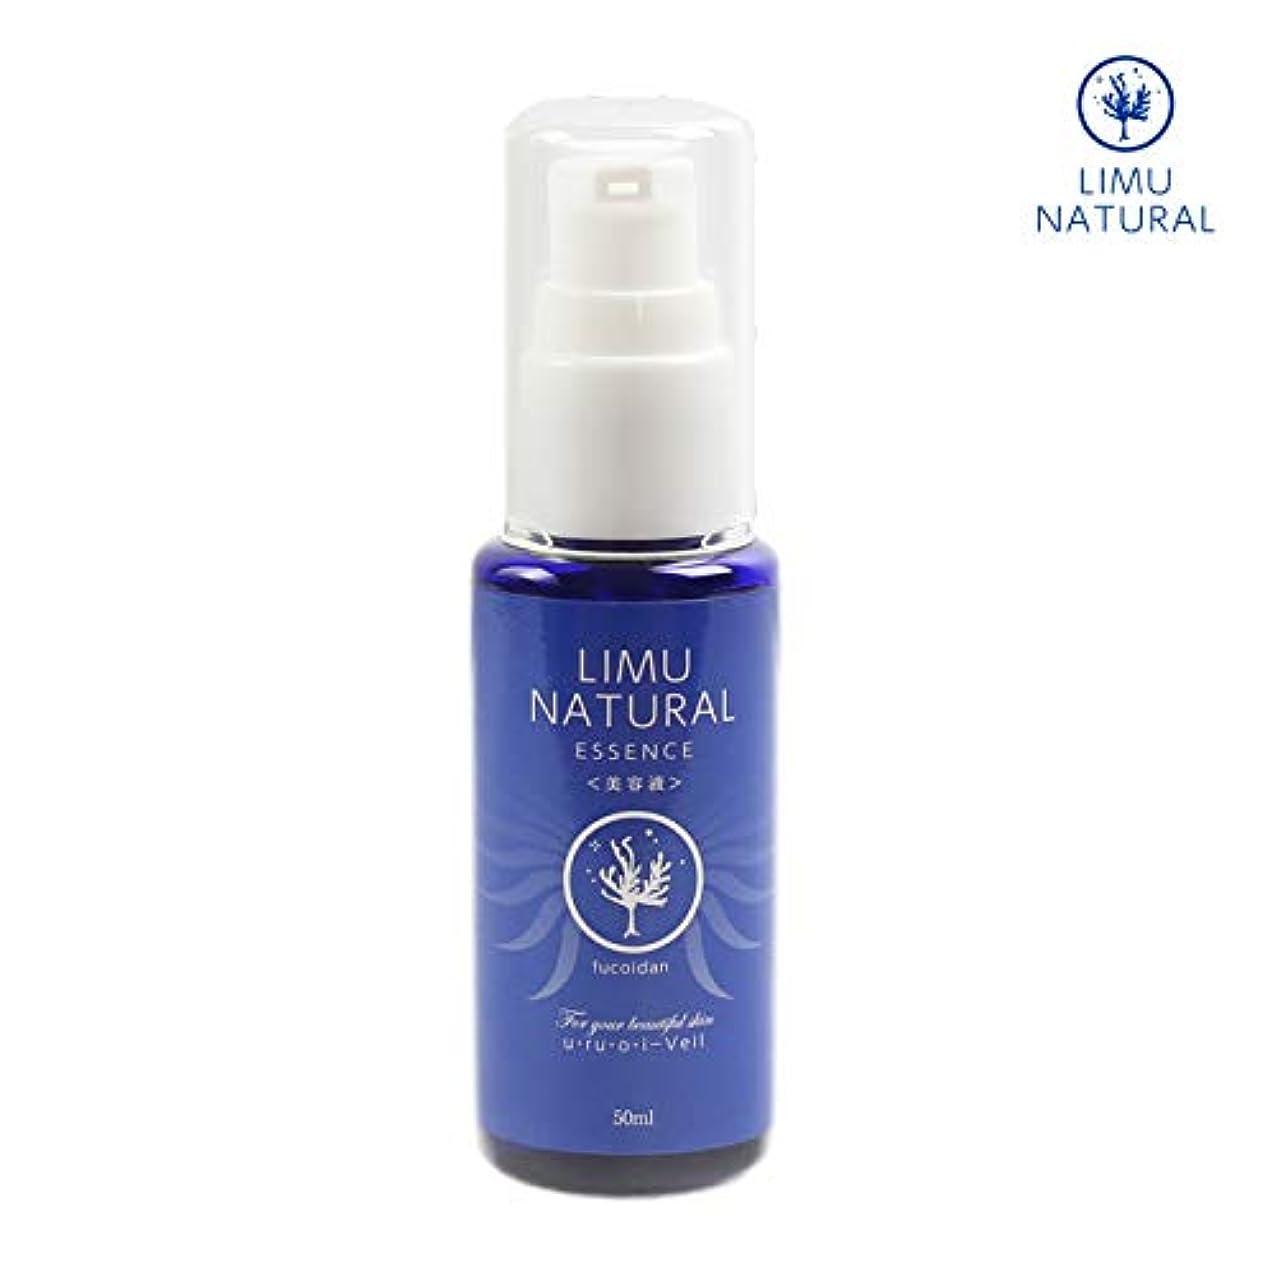 自我ポインタ破壊的なリムナチュラル 高濃度美容液 LIMU NATURAL ESSENCE (50ml) 「美白&保湿」「フコイダン」+「グリセリルグルコシド」を贅沢に配合